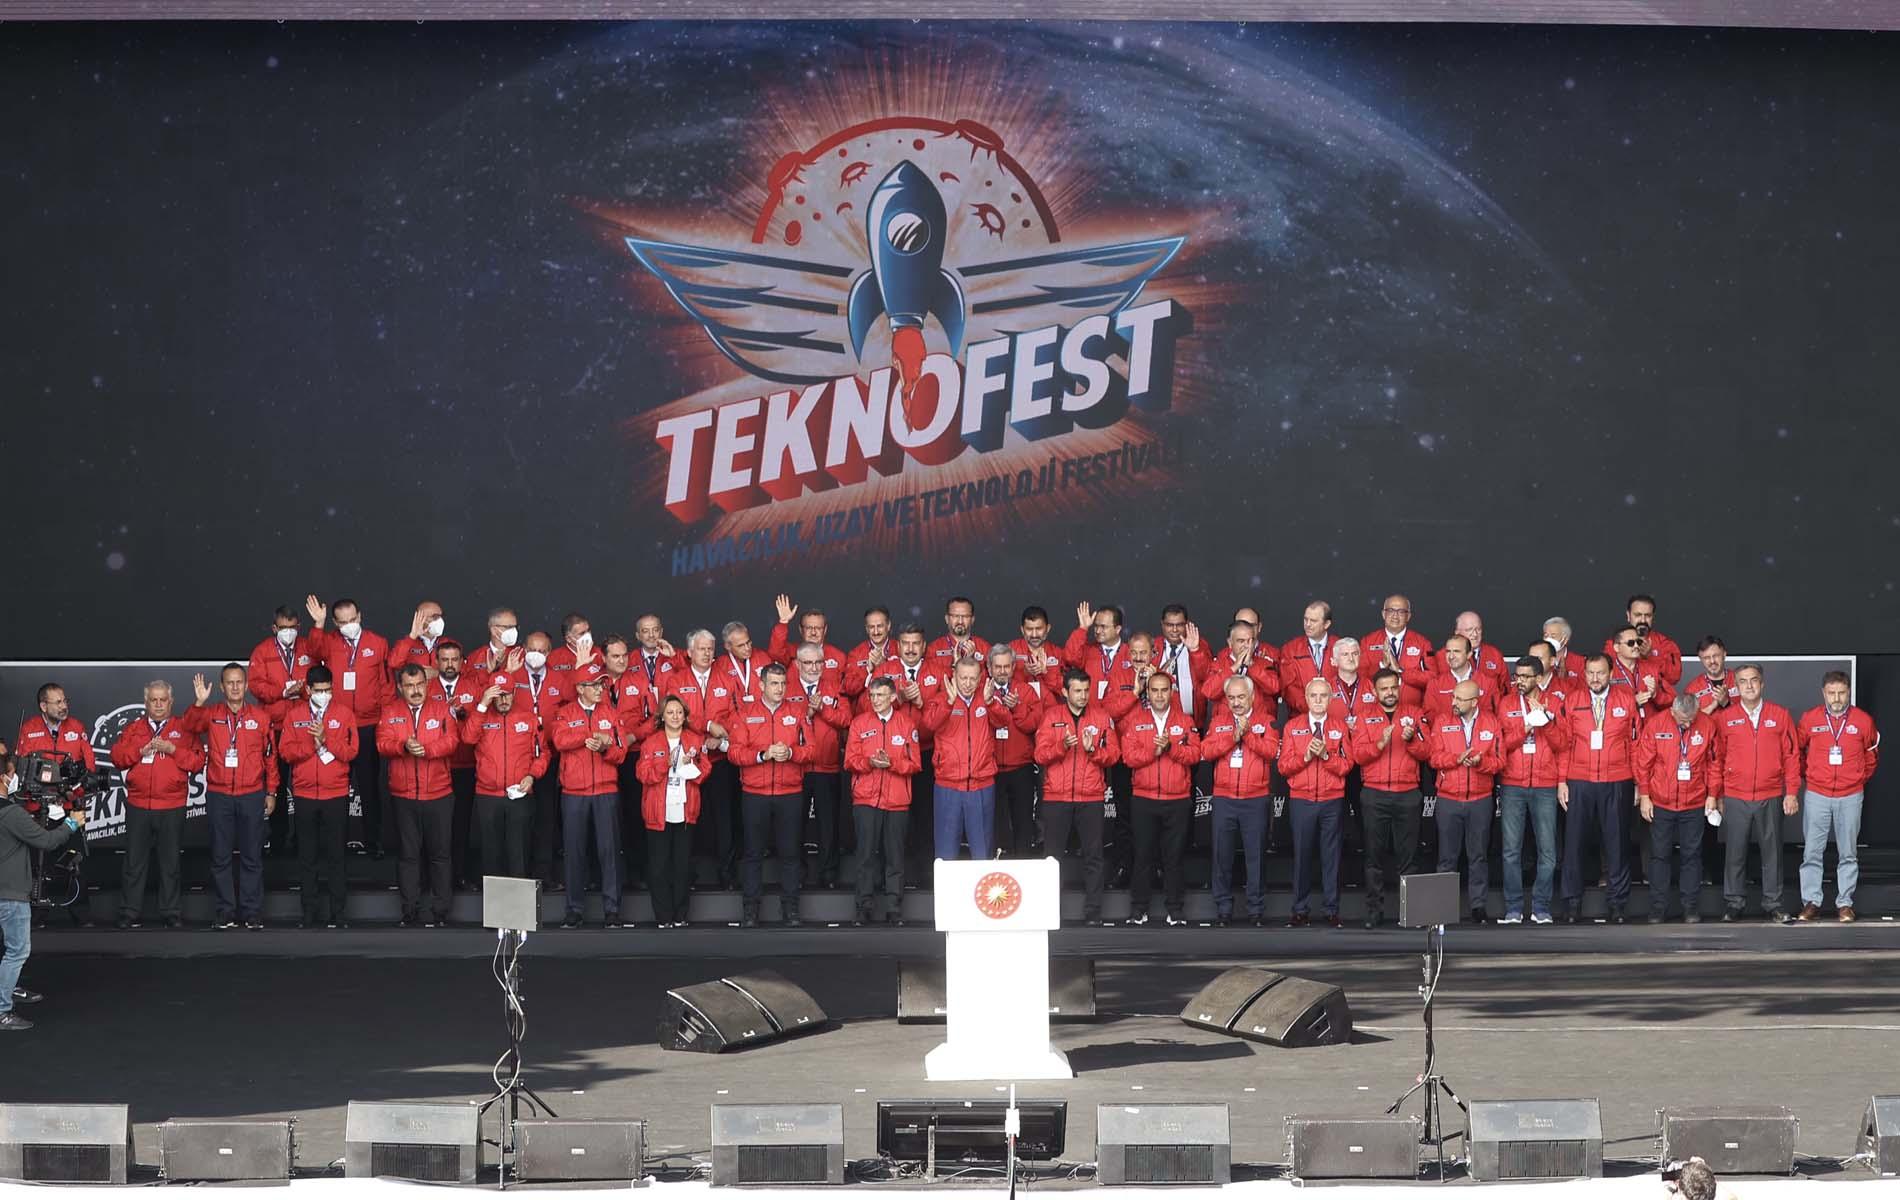 Son dakika | Cumhurbaşkanı Erdoğan, TEKNOFEST 2021'de konuştu: TEKNOFEST'in genç mucitleri 2053 ve 2071 Türkiye'sinin mimarları olacaktır